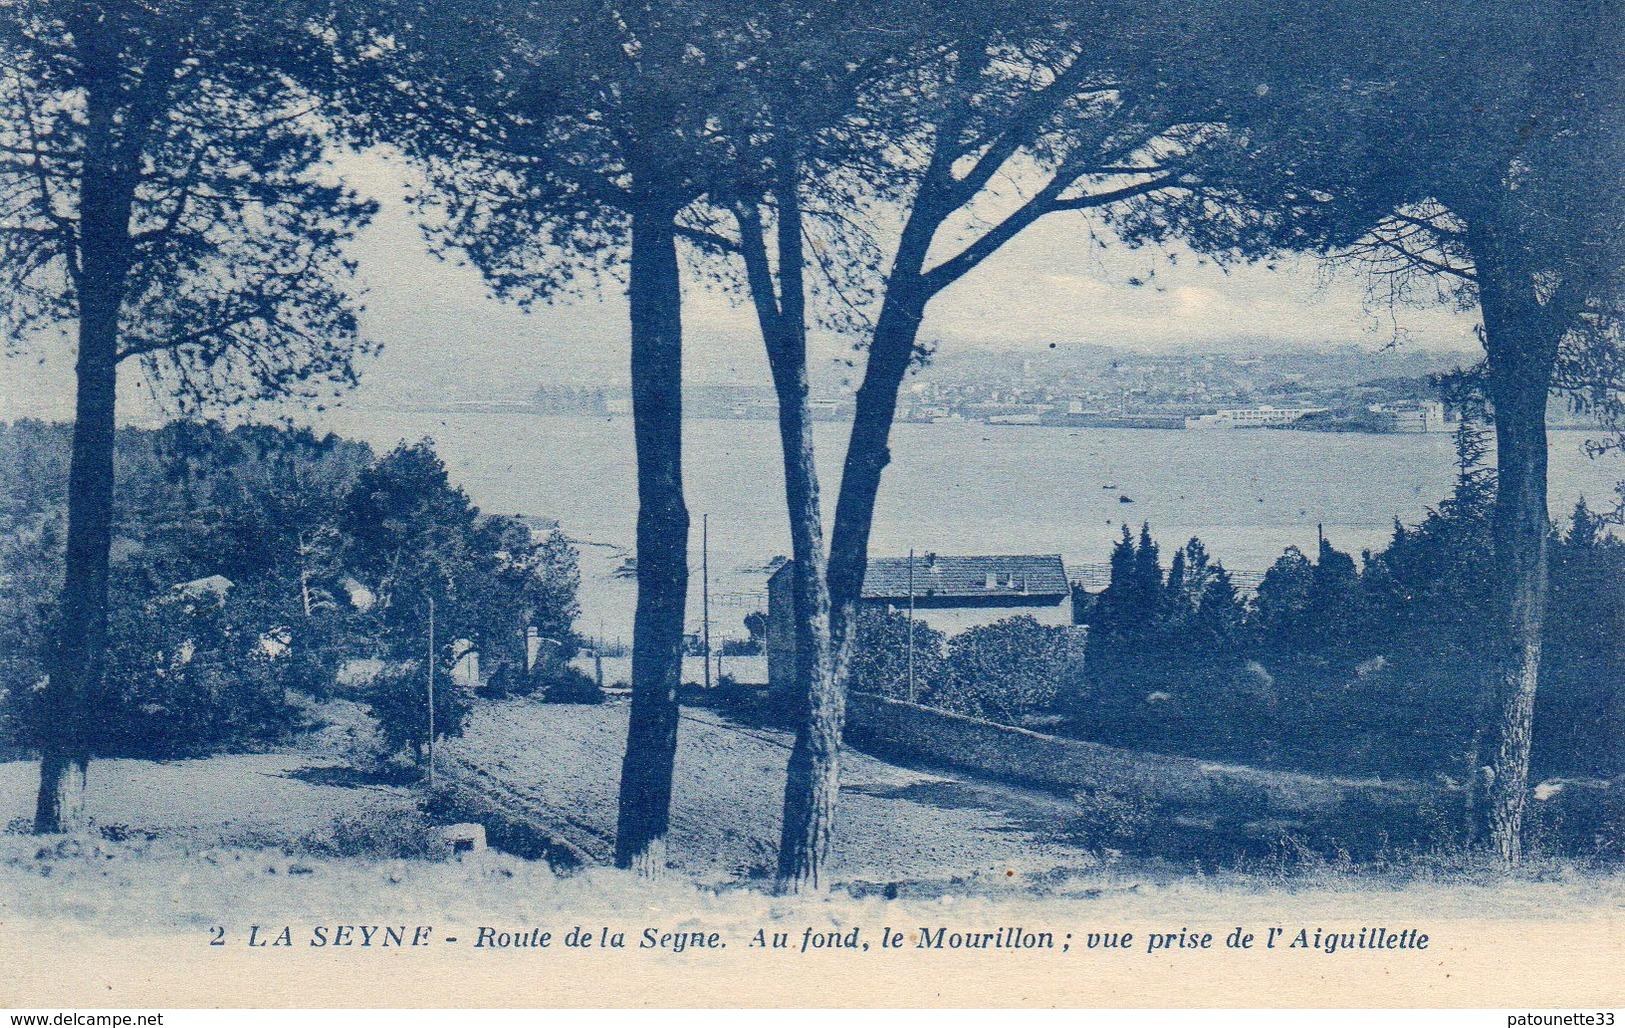 83 LA SEYNE ROUTE DE LA SEYNE AU FOND LE MOURILLON VUE PRISE DE L' AIGUILLETTE - La Seyne-sur-Mer